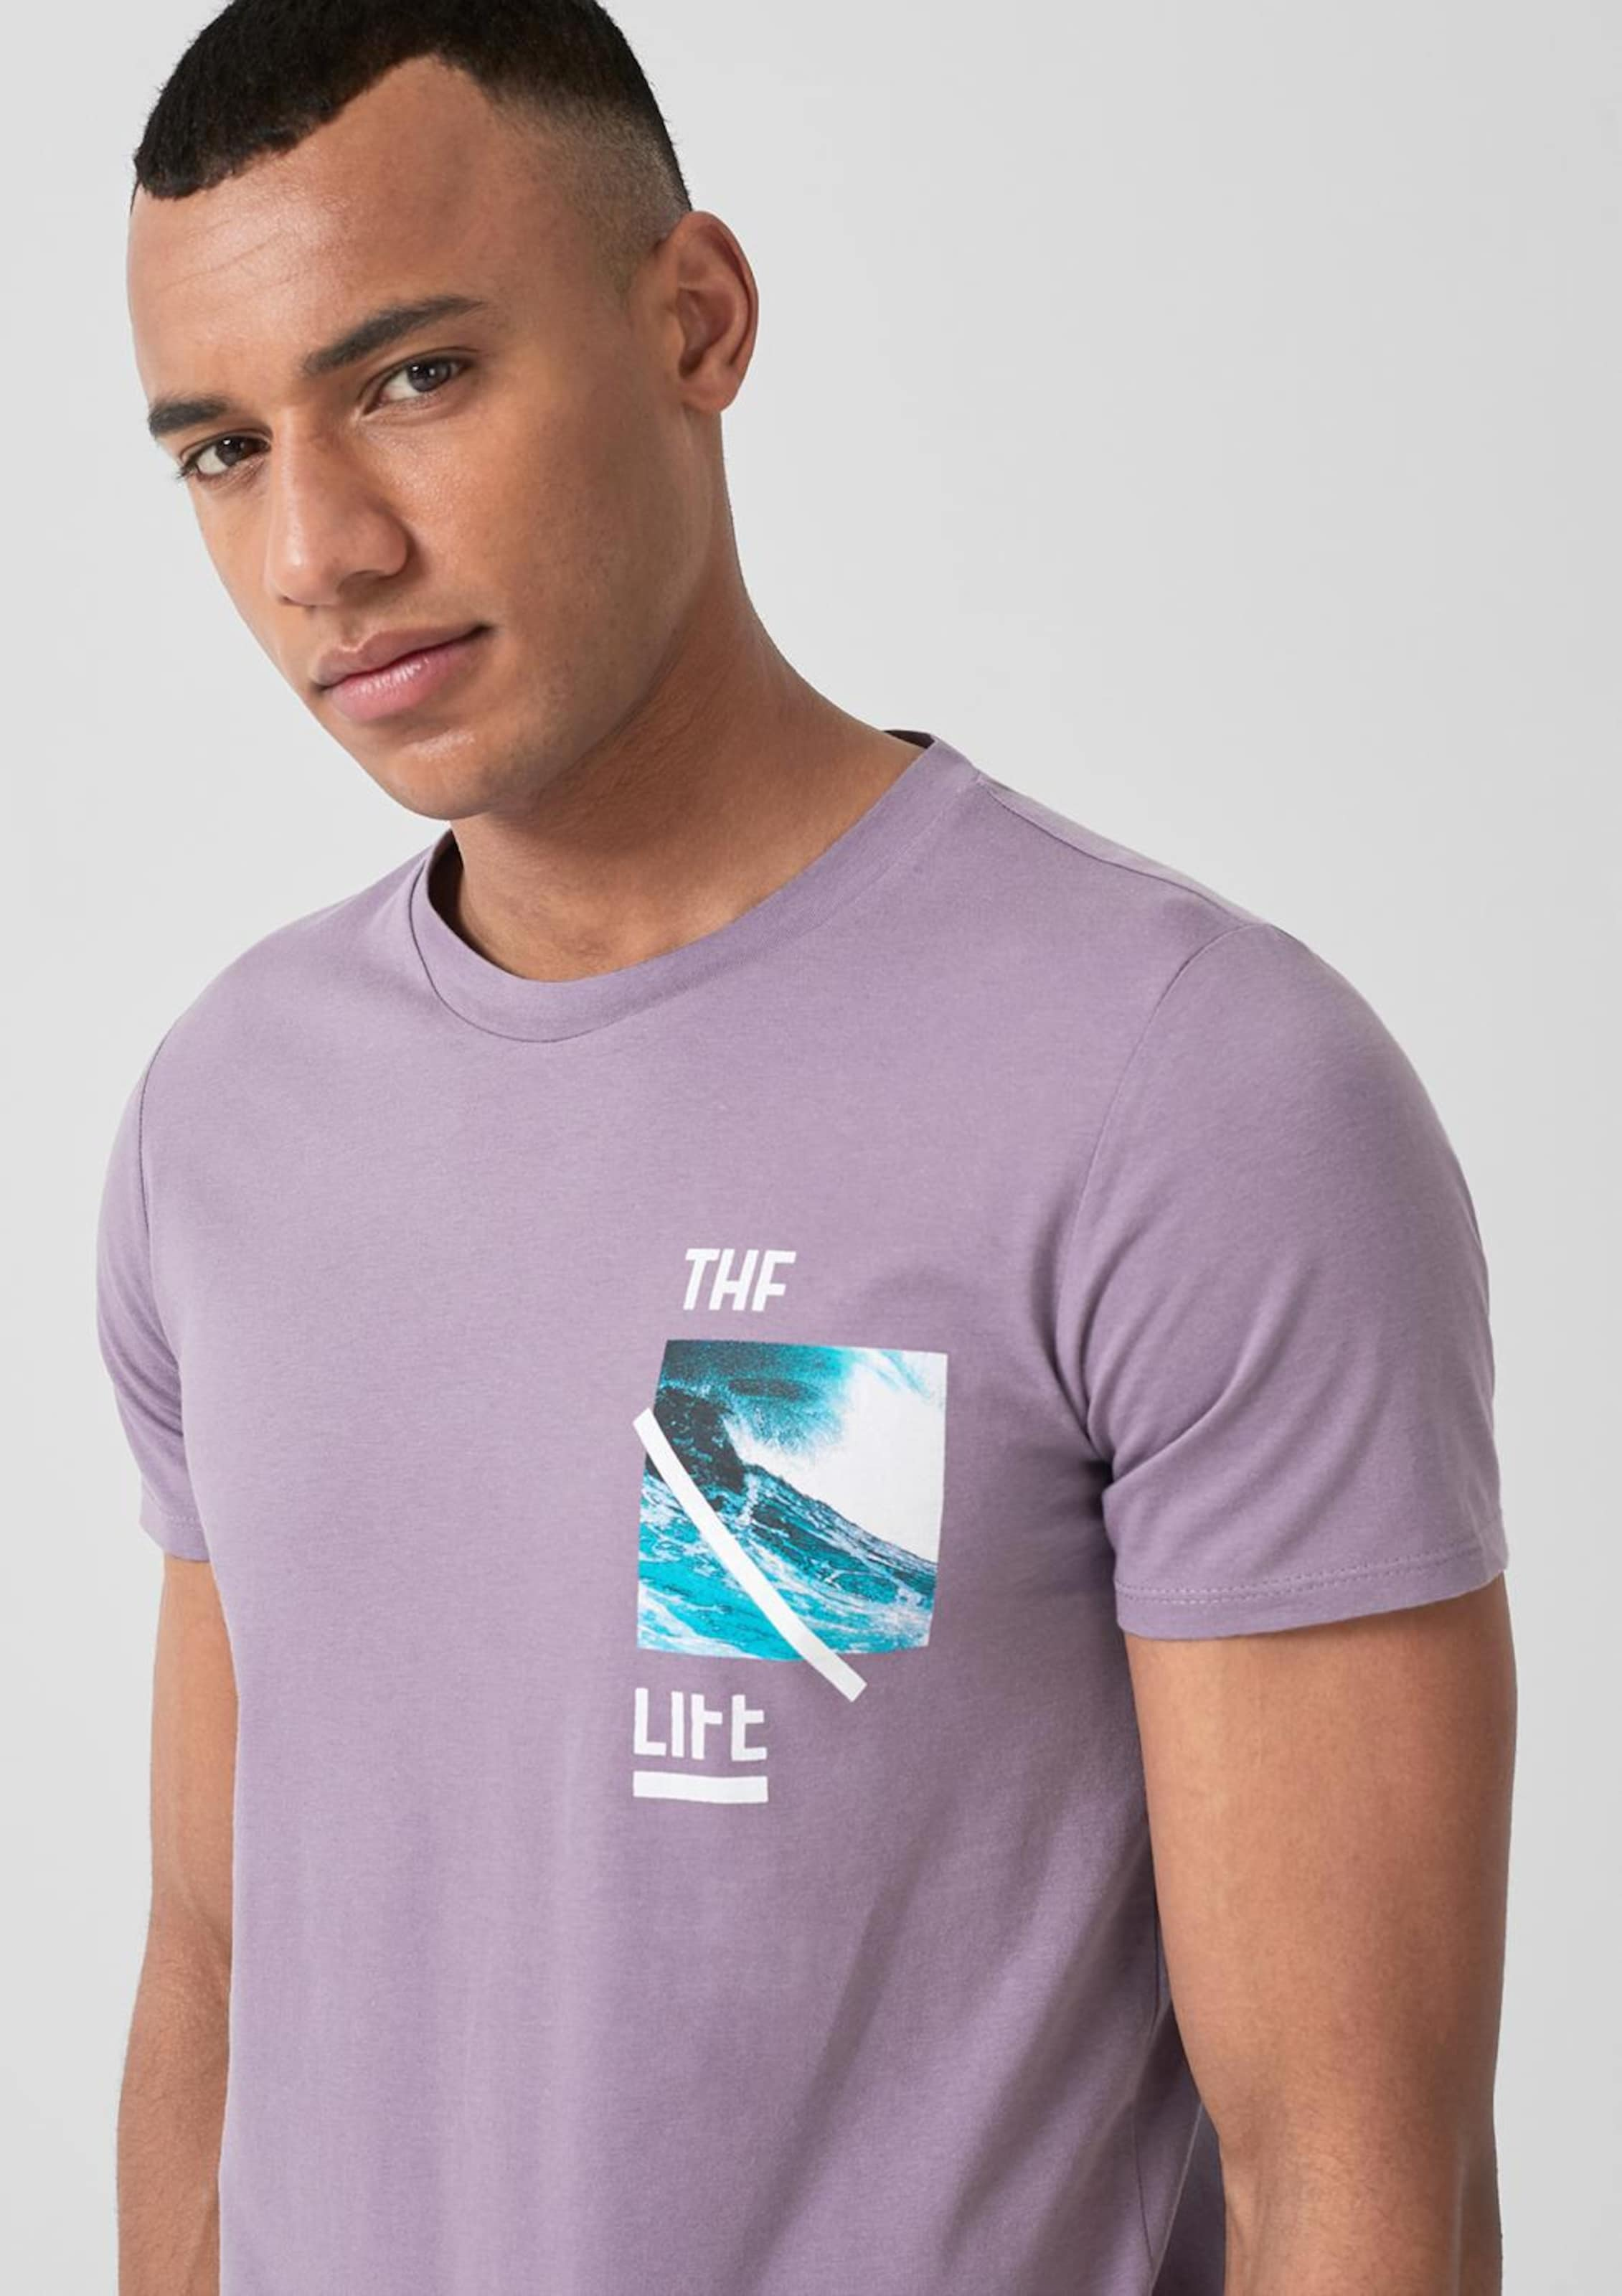 Designed Q Jerseyshirt In HimmelblauHelllila s By FK5uTJ1lc3